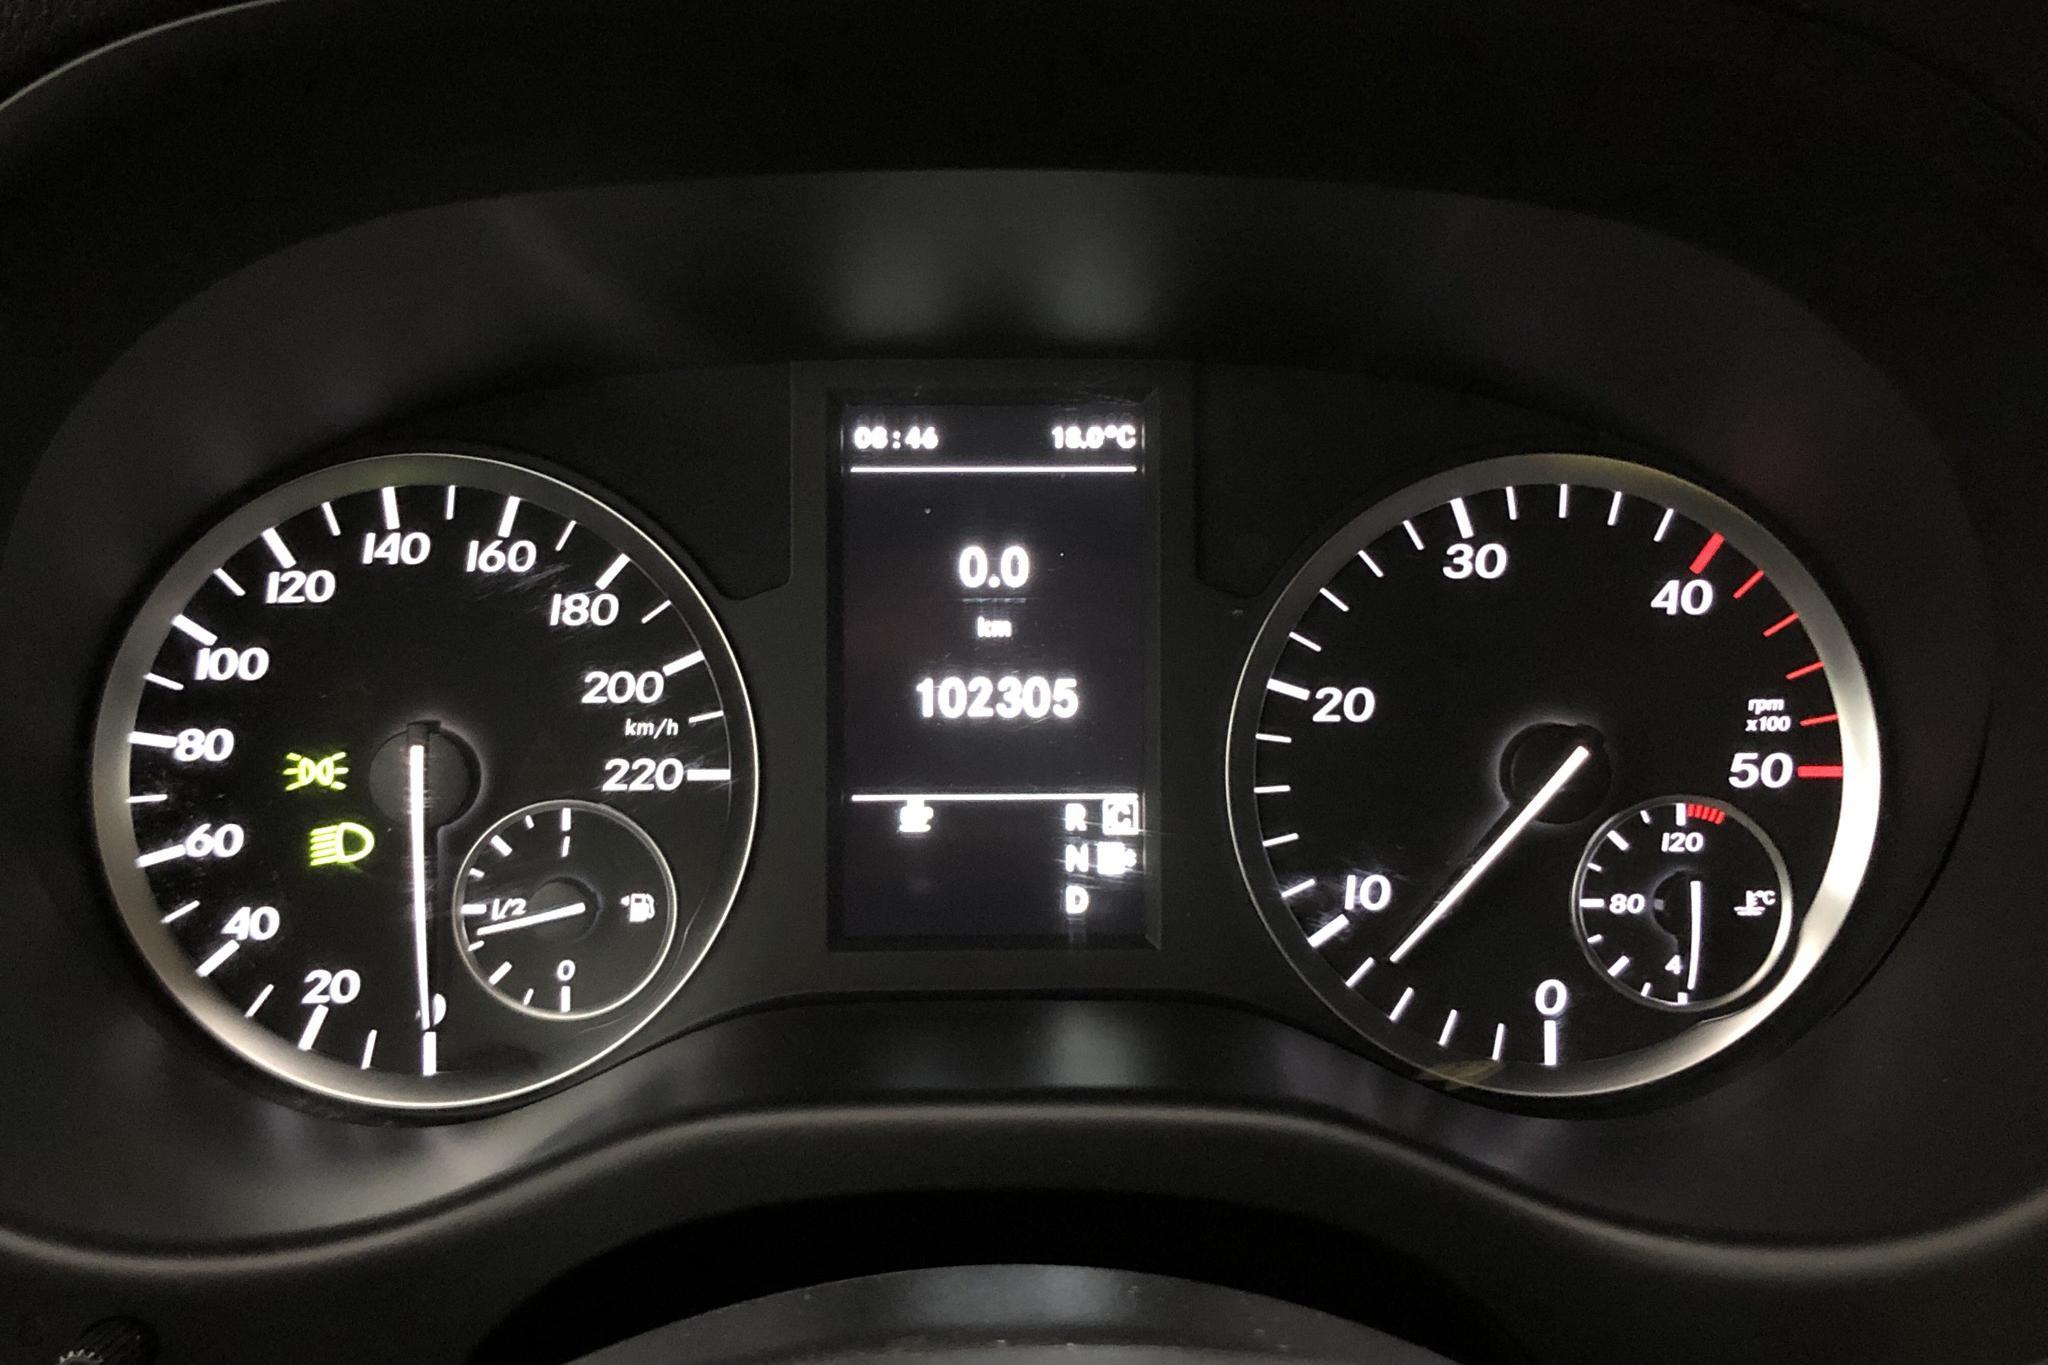 Mercedes Vito 116 CDI W640 (163hk) - 0 km - silver - 2017